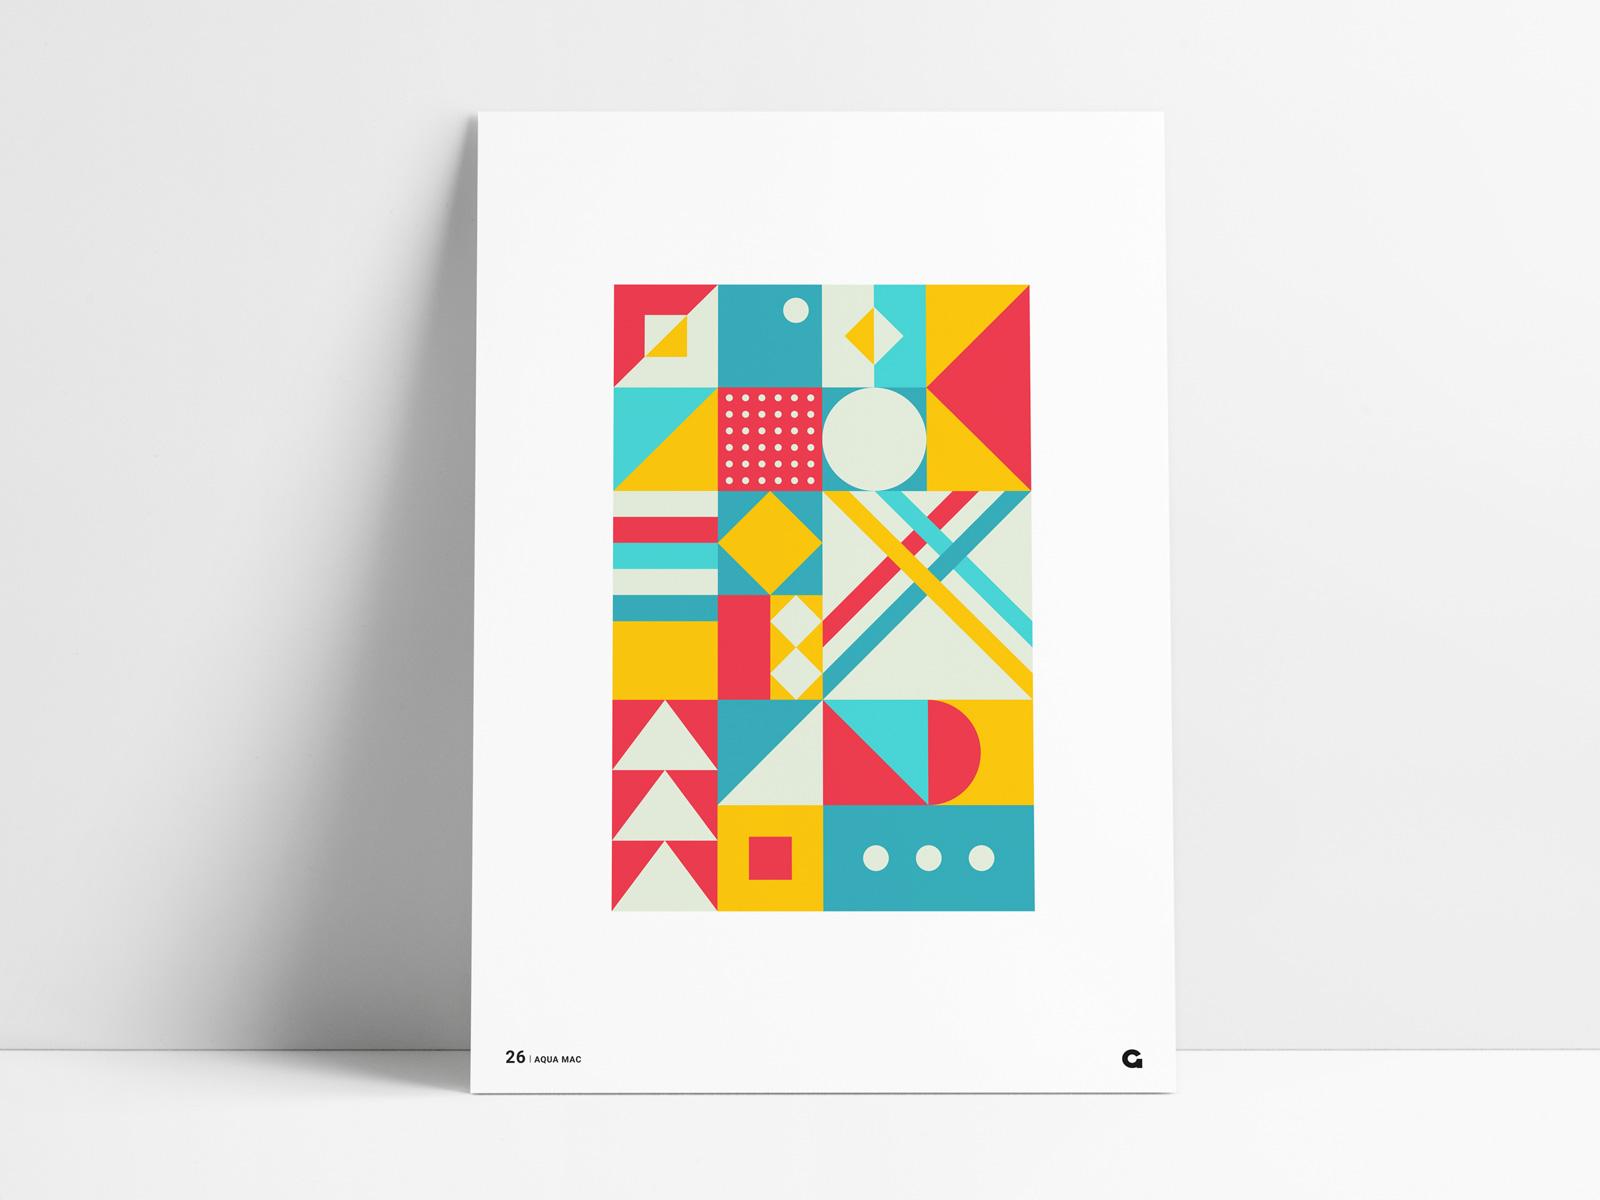 Poster-26.jpg